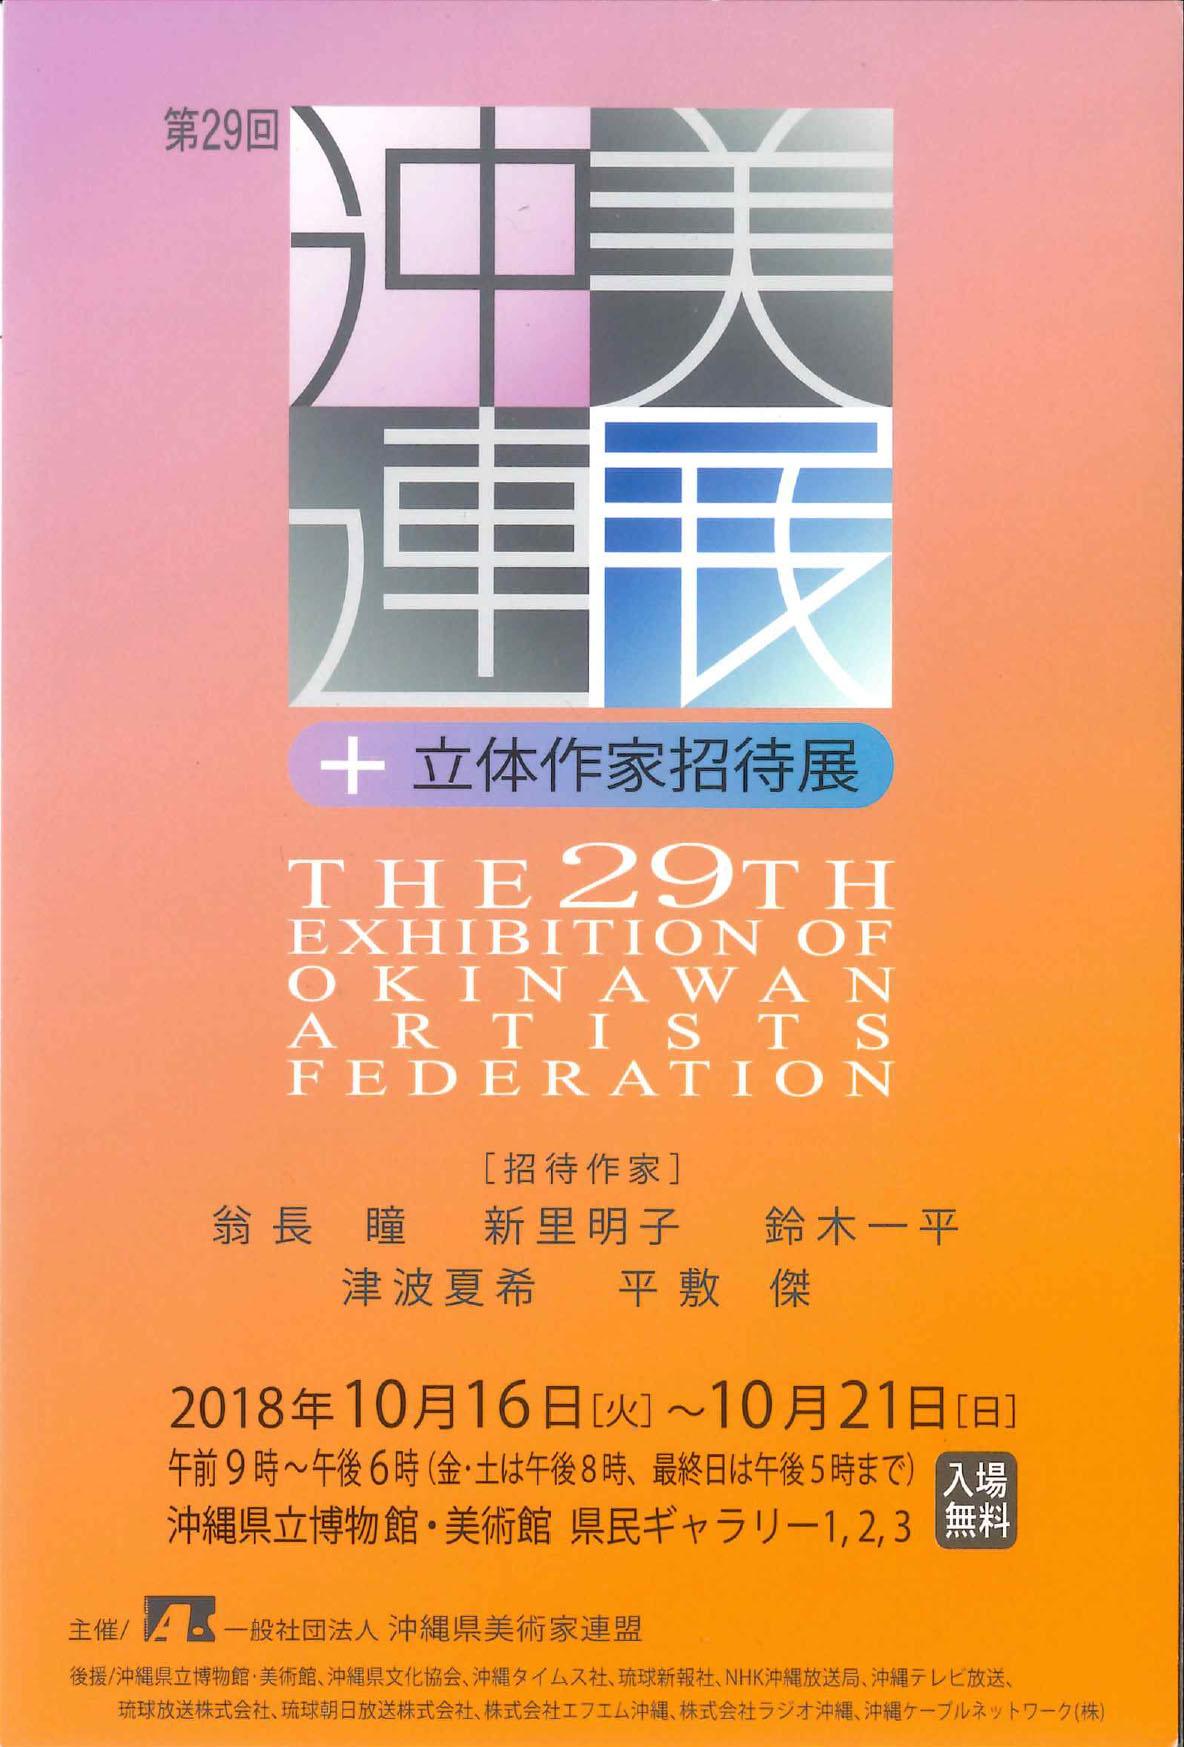 大浜先生参加イベント「 第29回 沖美連展+立体作家招待展」のハガキが届きました! 開催中〜10月21日(日)です!